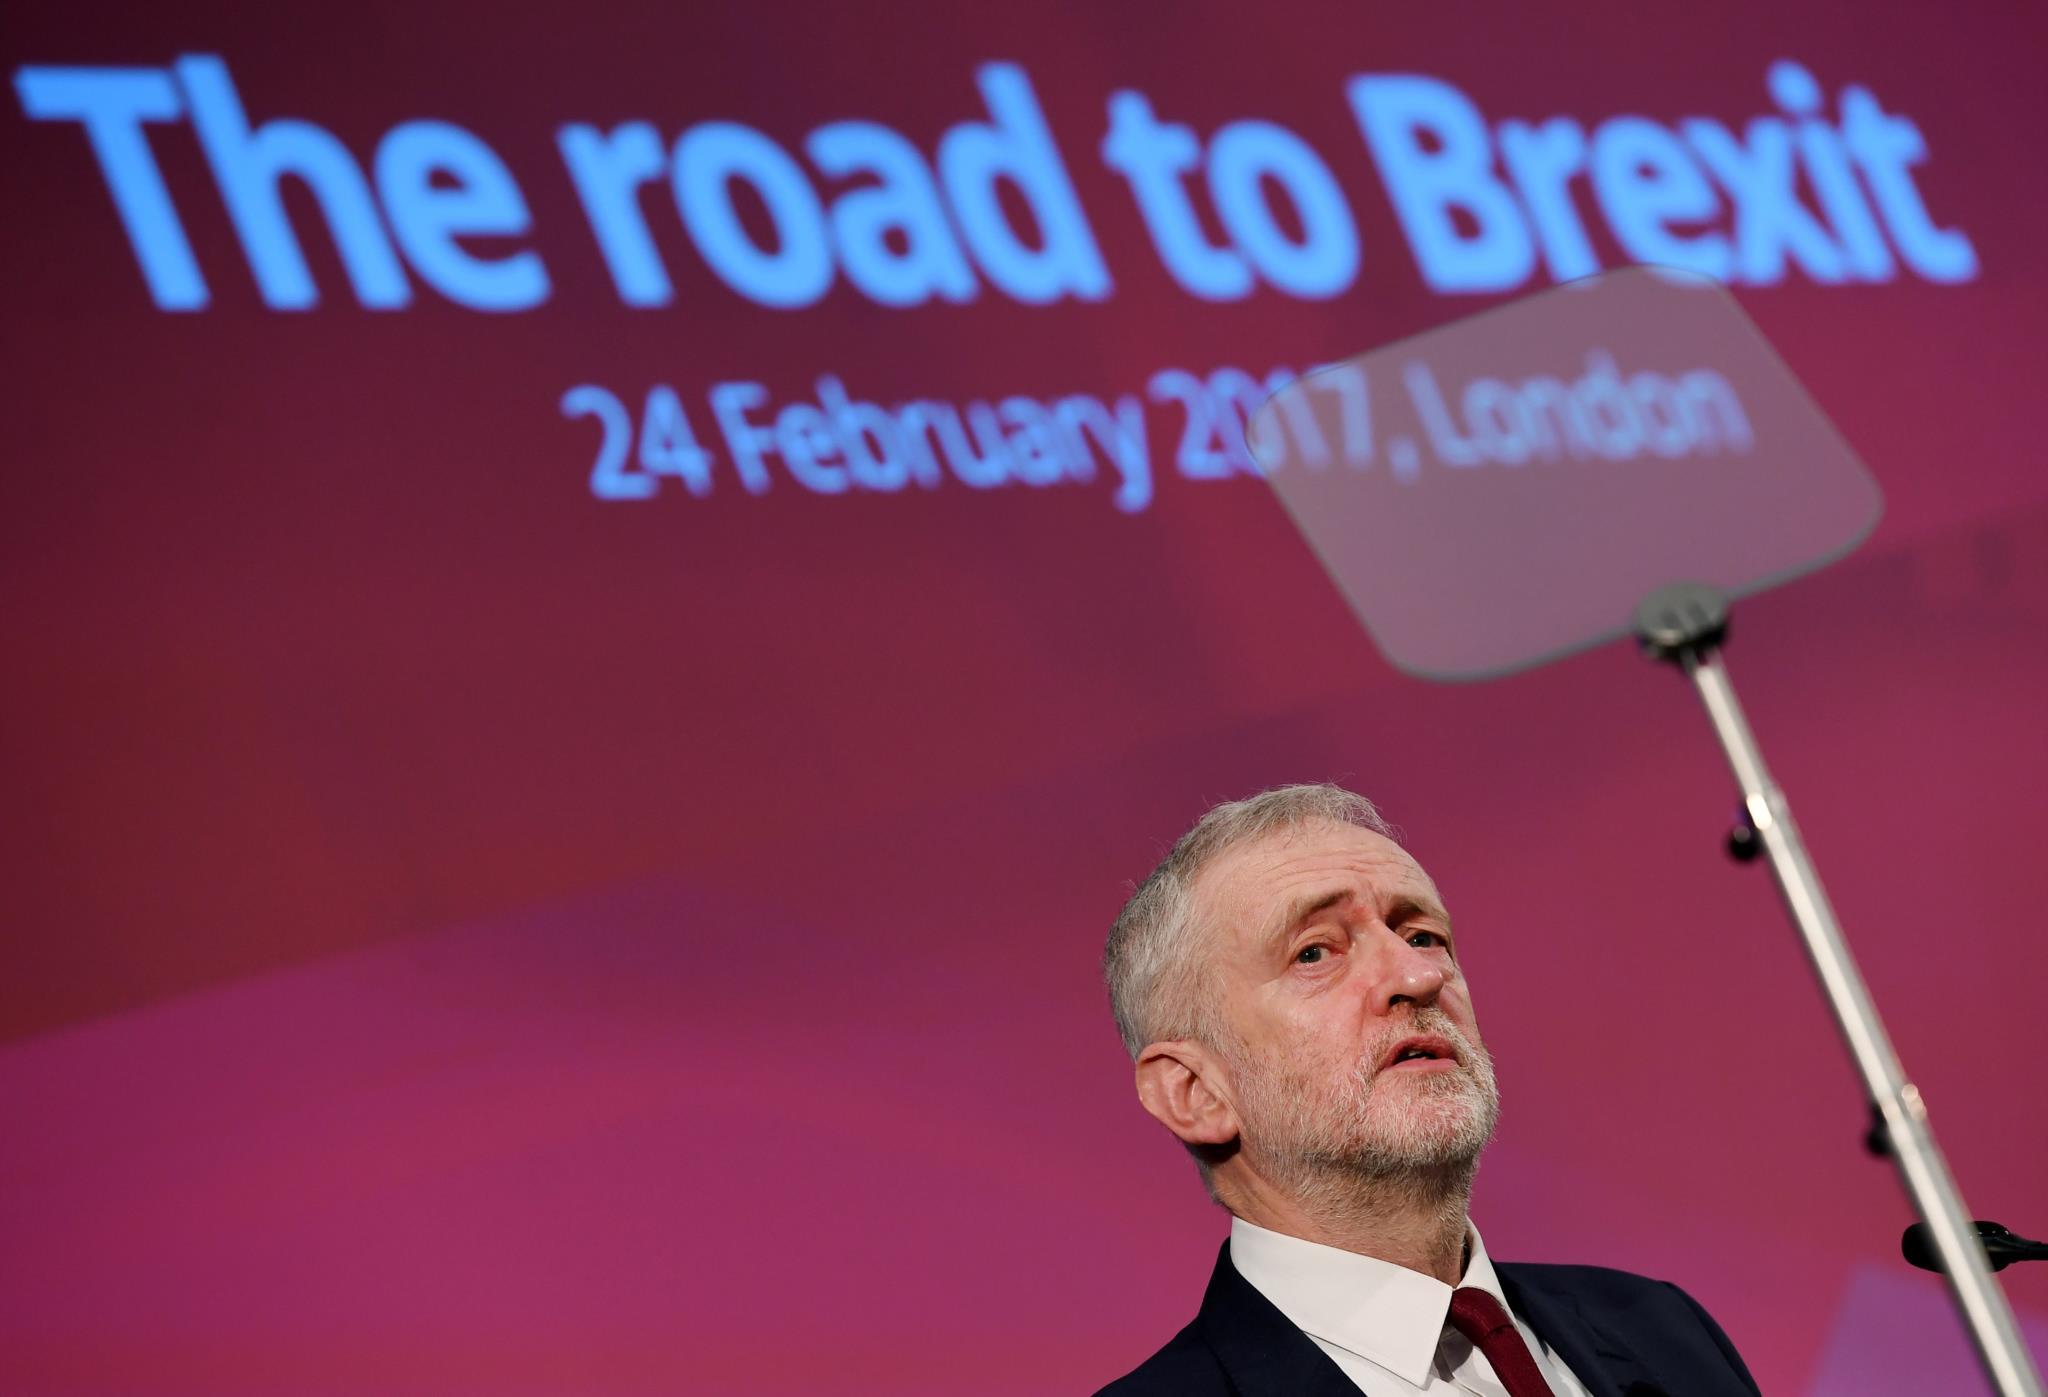 PÚBLICO - O triunfo de May ensombrou a meia vitória de Corbyn